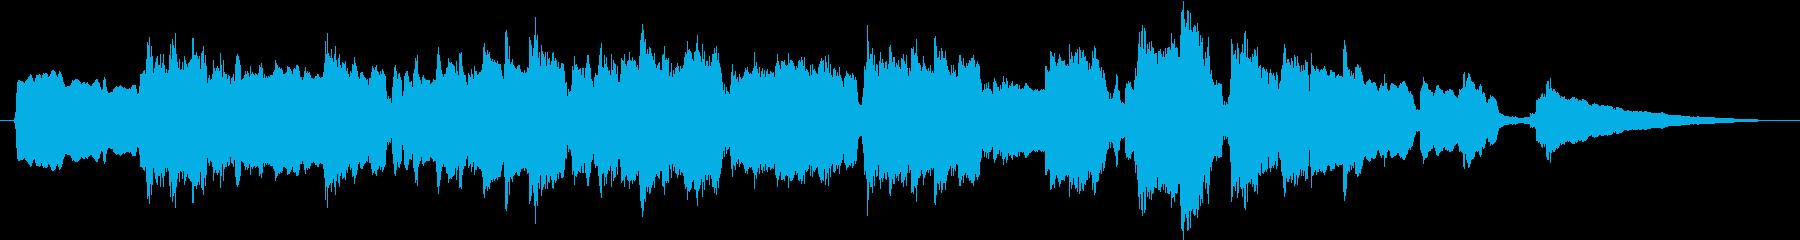 綺麗なフルートのアコースティックバラードの再生済みの波形